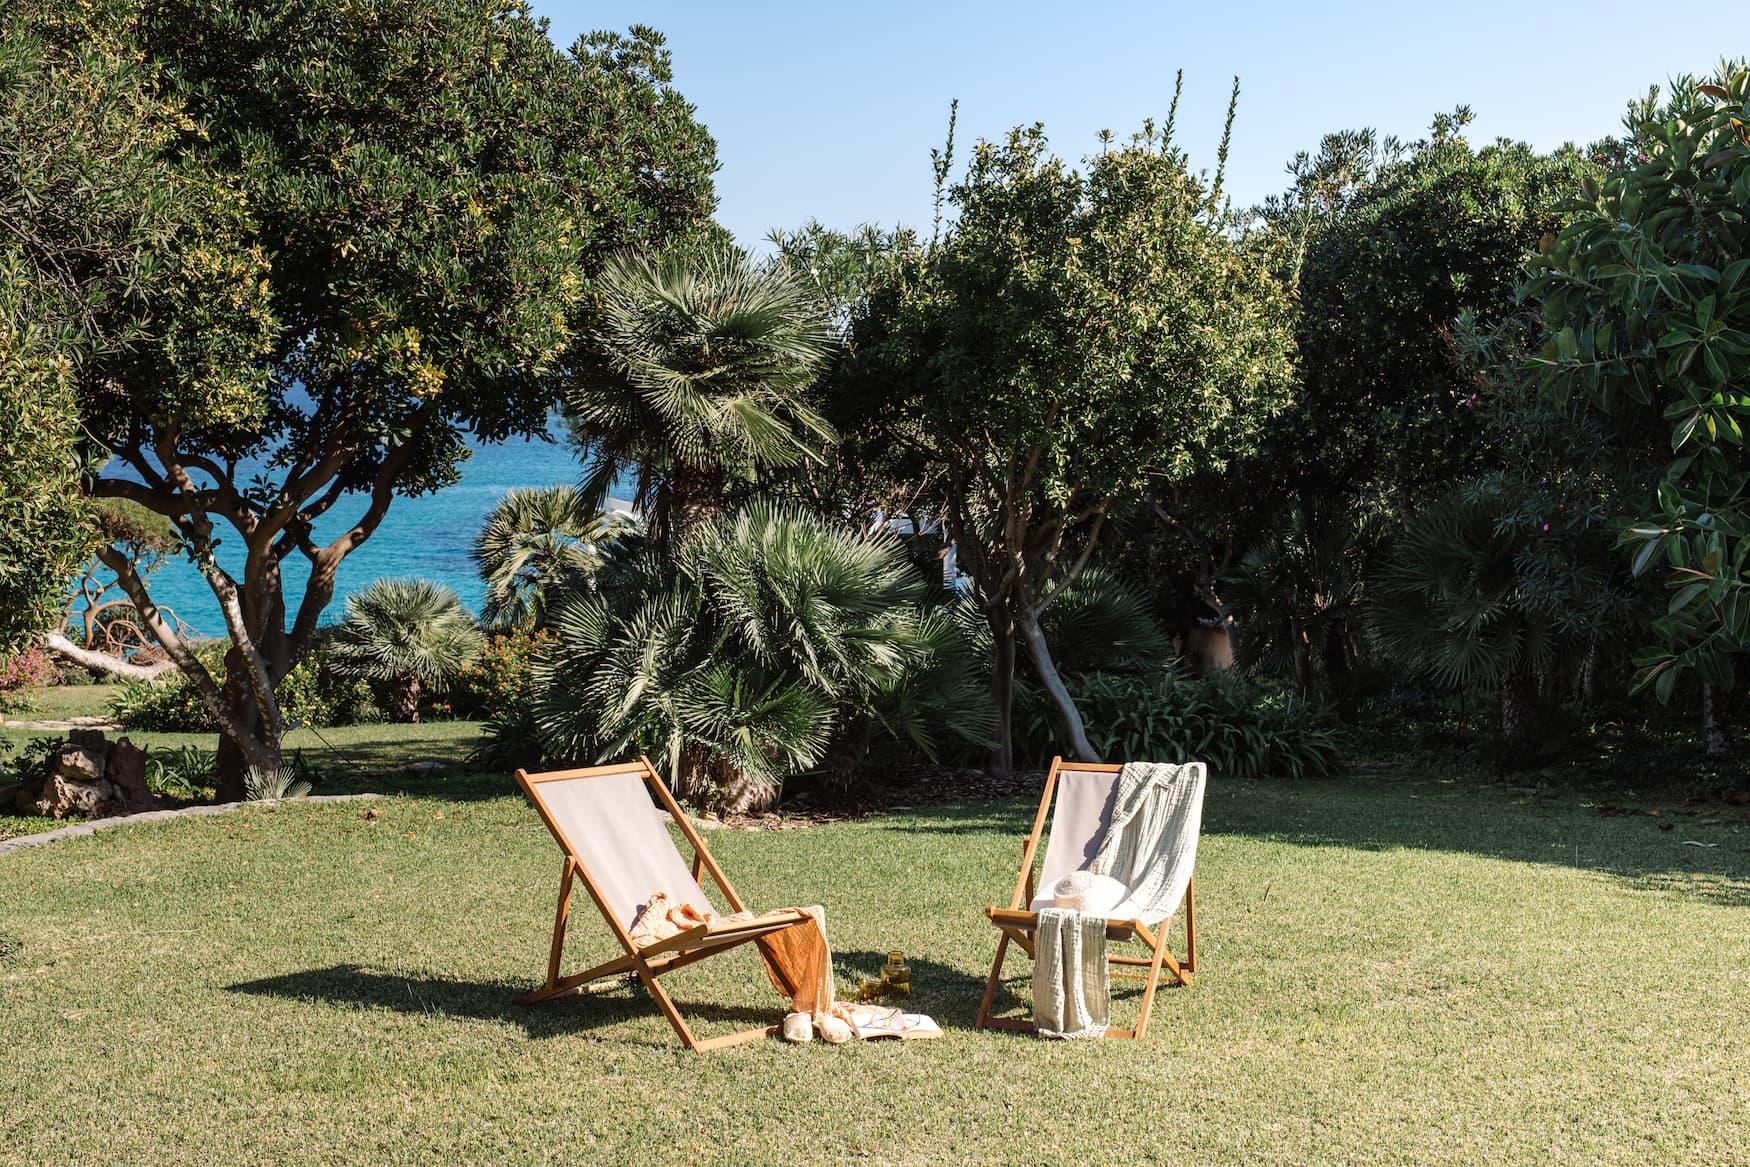 Liegestühle in mallorquinischen Garten